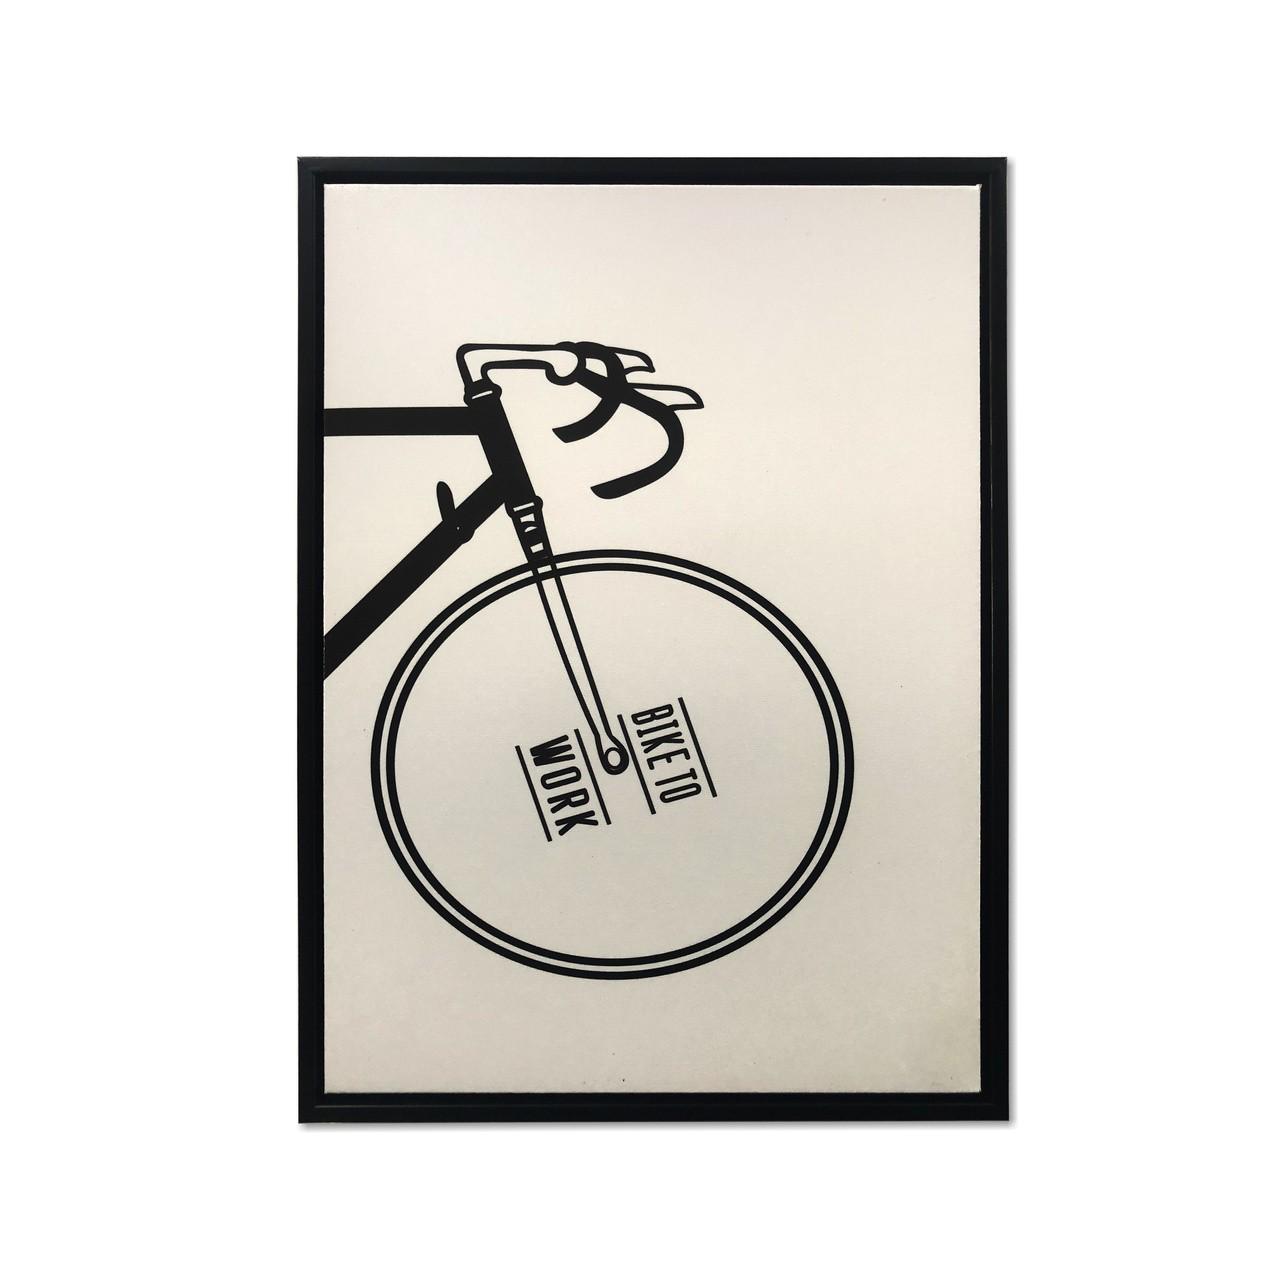 Quadro Decor A bicicleta Desconstruida 02